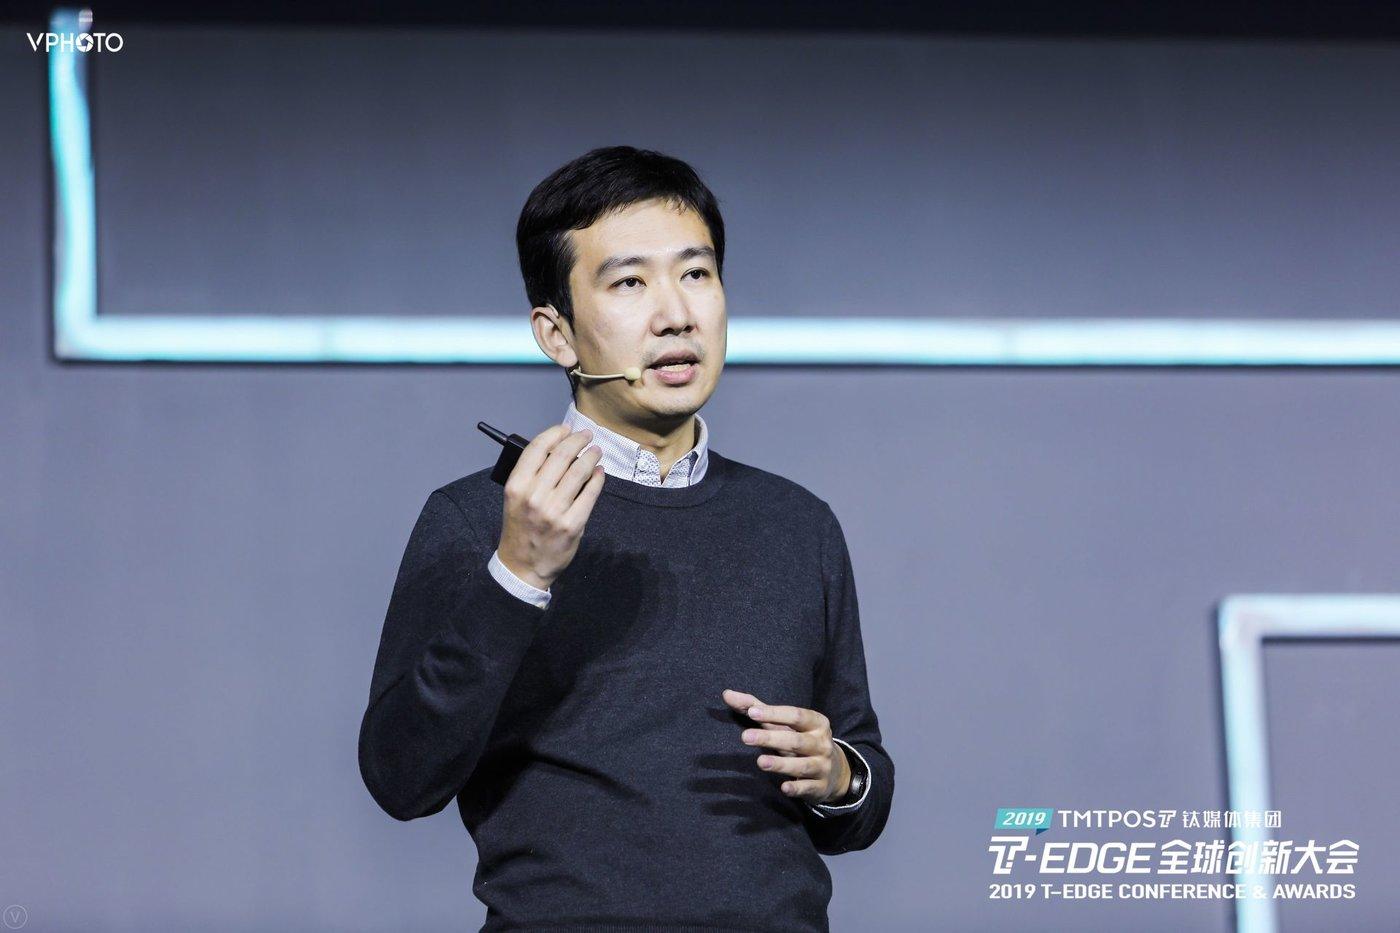 搜狗副总裁&AI事业部负责人王砚峰先生